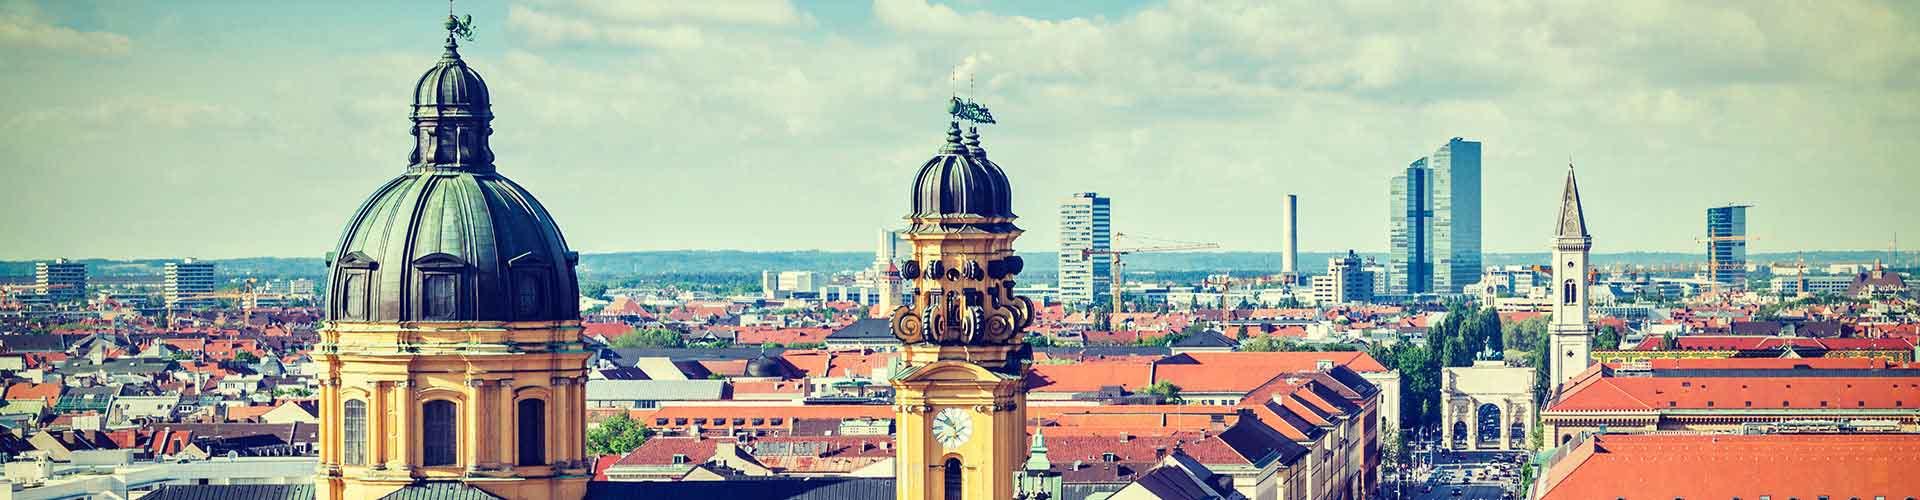 München – Retkeily kaupungiosassa Obergiesing. München -karttoja, valokuvia ja arvosteluja kaikista München -retkeilyalueista.